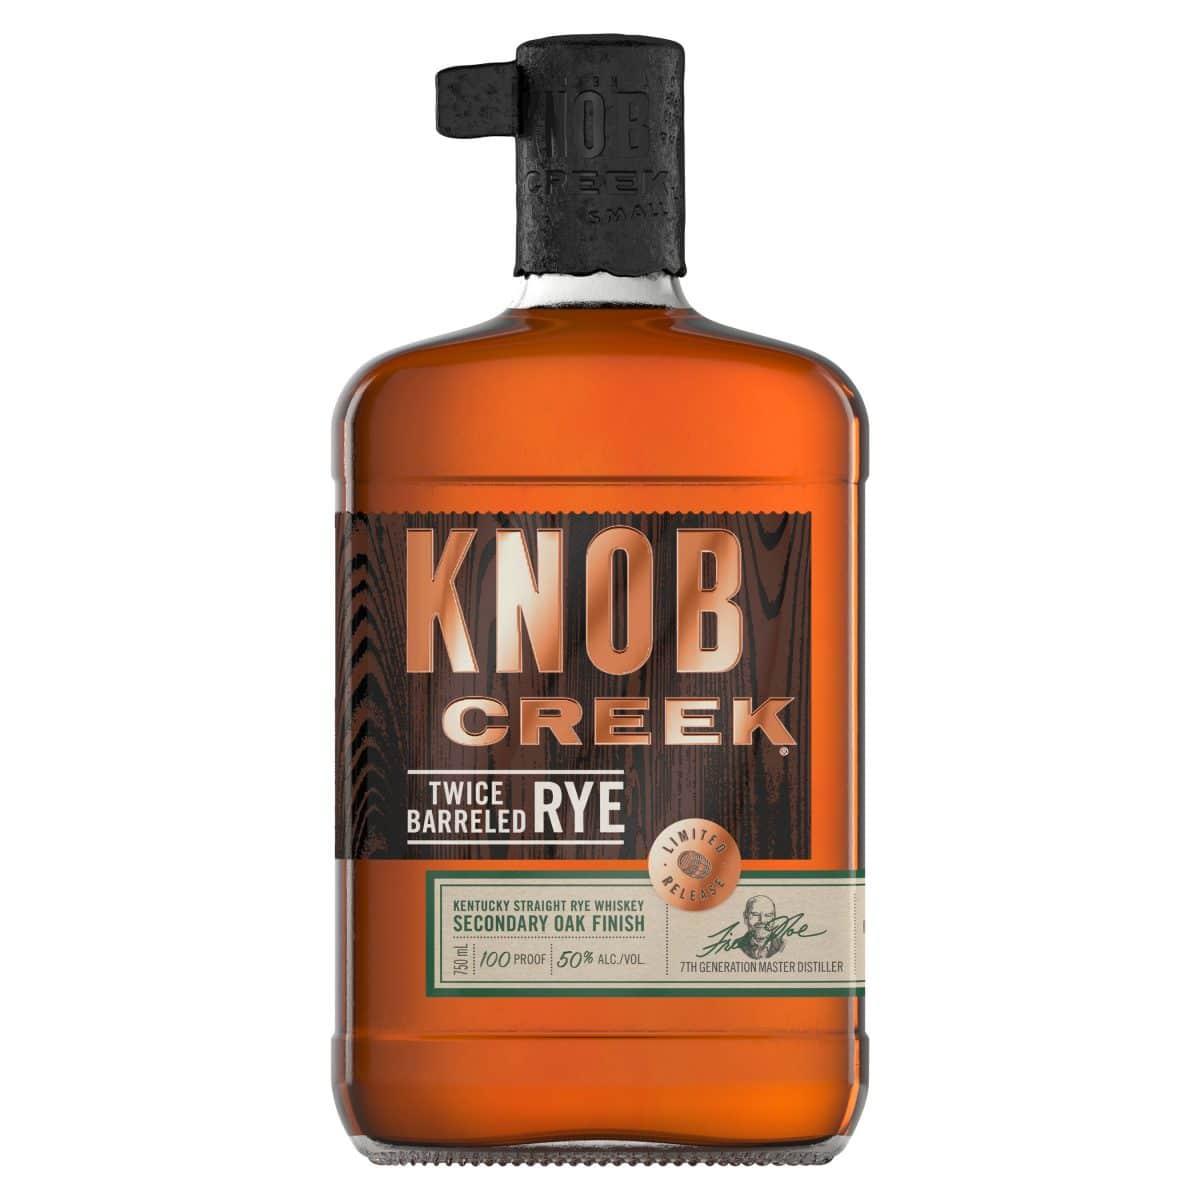 Knob Creek Introduces Twice Barreled Rye To Its Rye Whiskey Portfolio photo